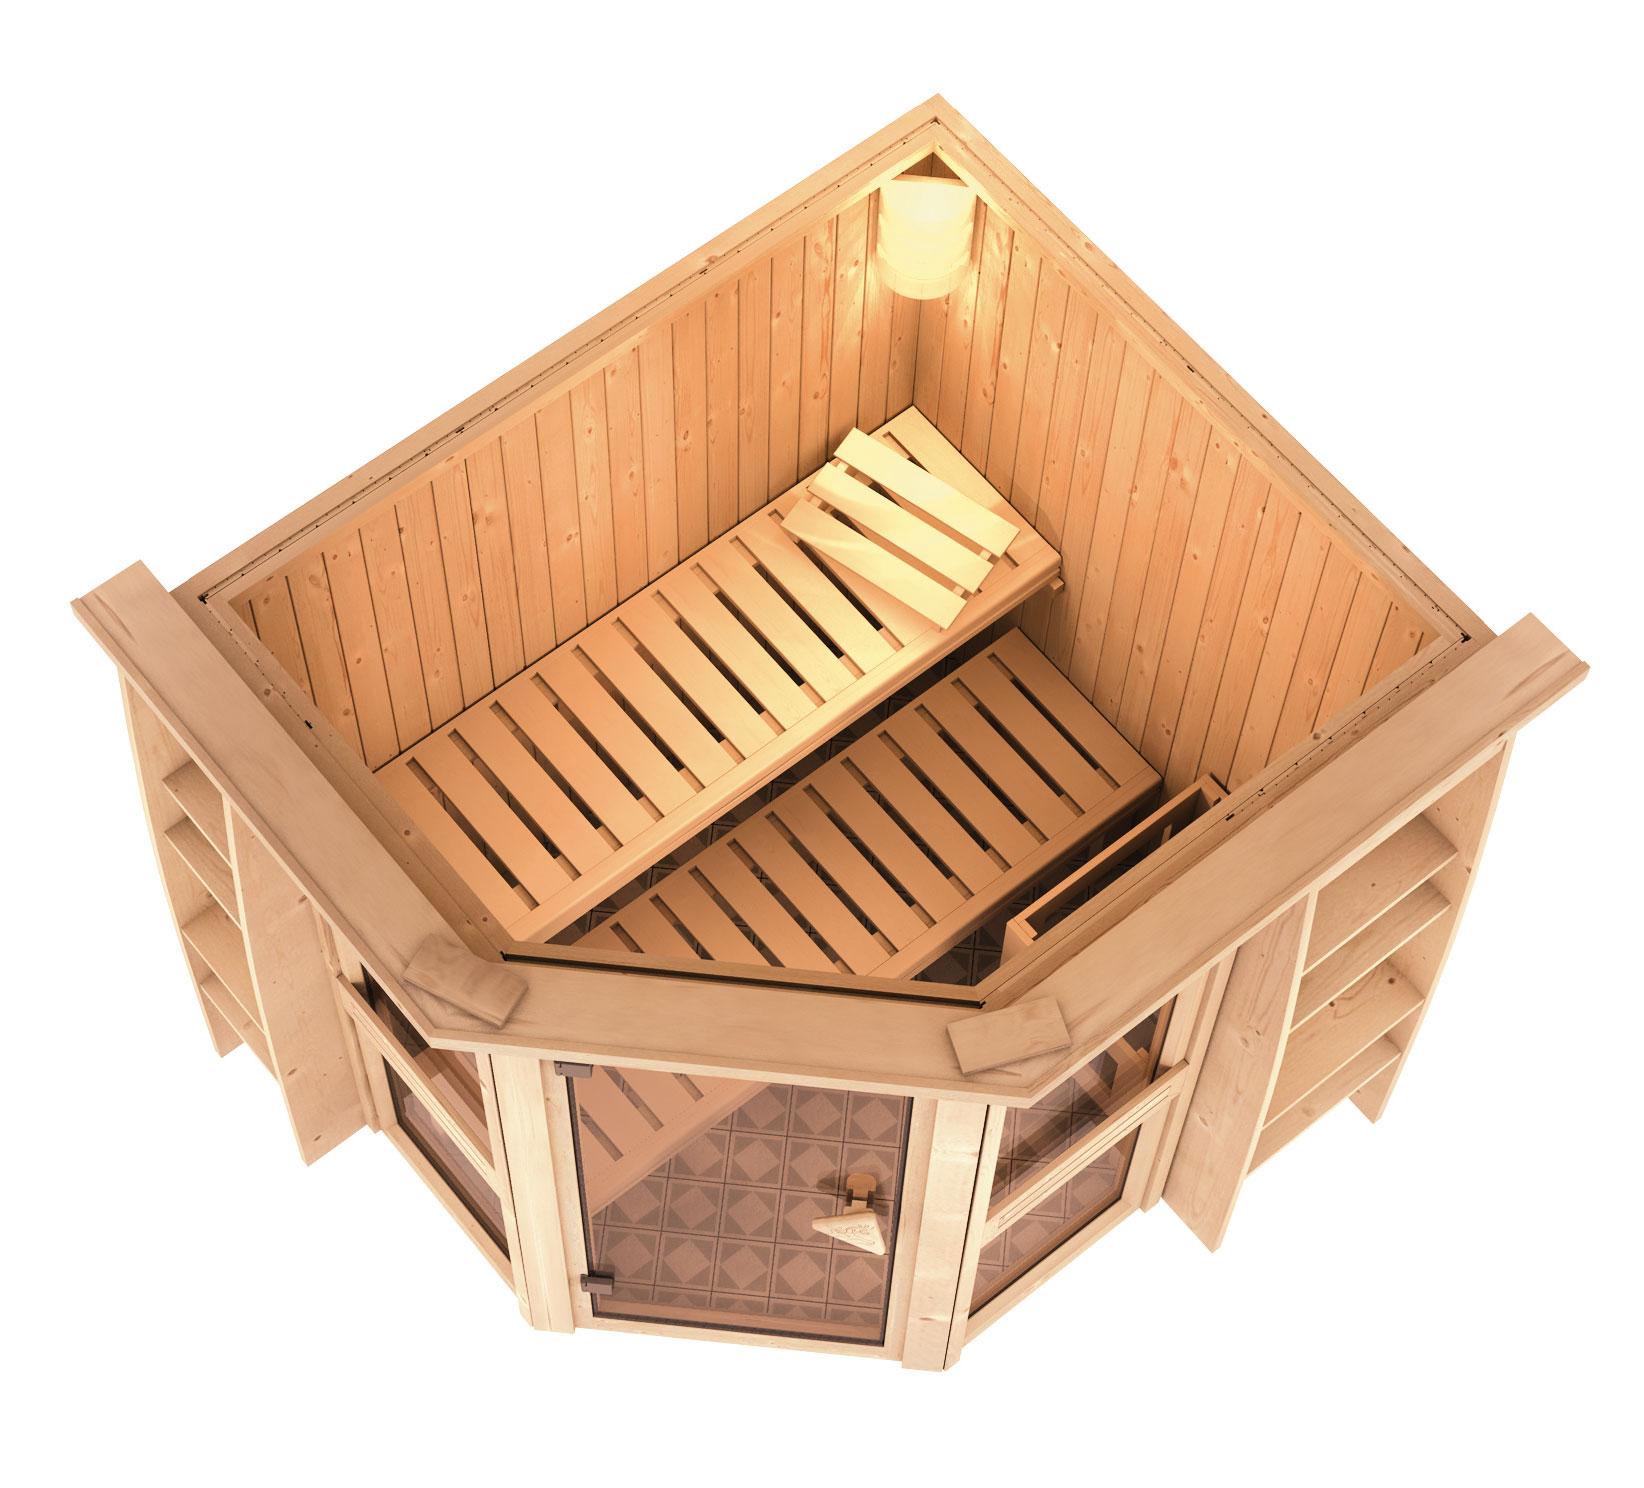 Karibu Sauna Amelia 1 68mm ohne Ofen classic Tür Bild 3